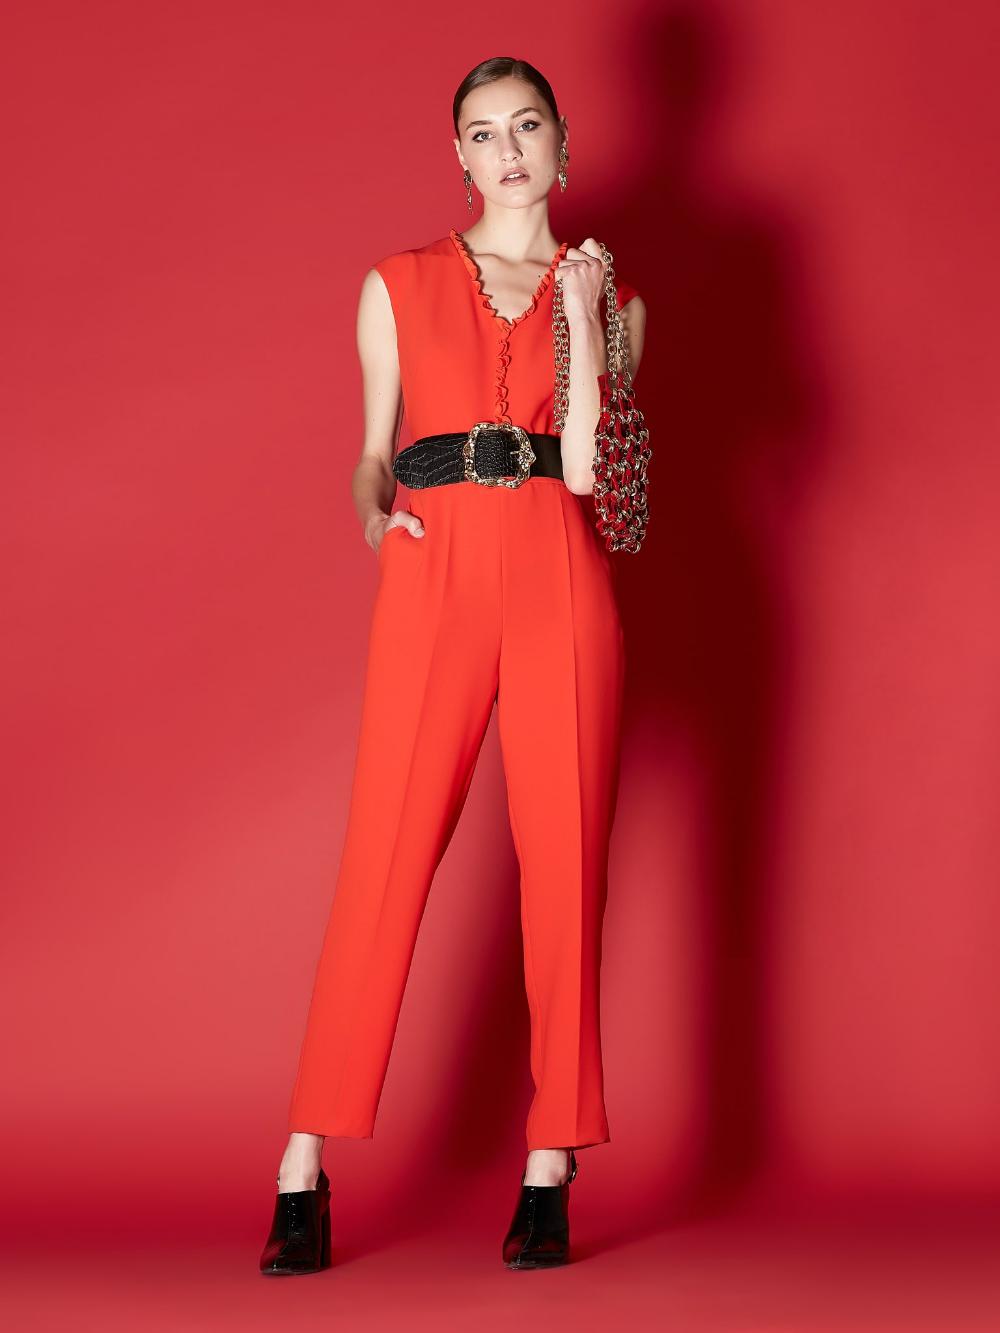 Kirmizi Firfir Yaka Seritli Tulum Iw6190014019034 Ipekyol Moda Stilleri Elbise Modelleri Mankenler